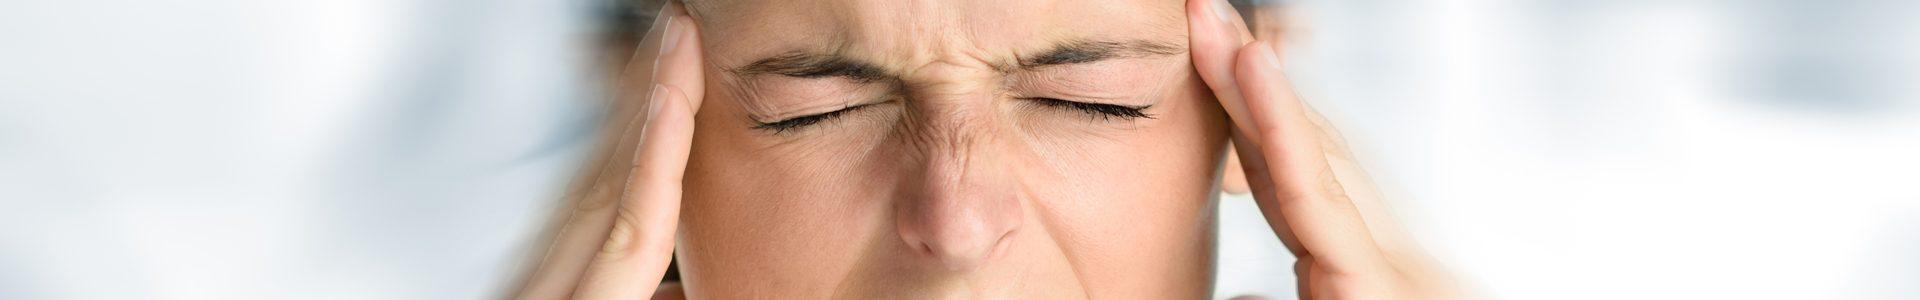 migrañas y cefaleas y como acabar con ellas